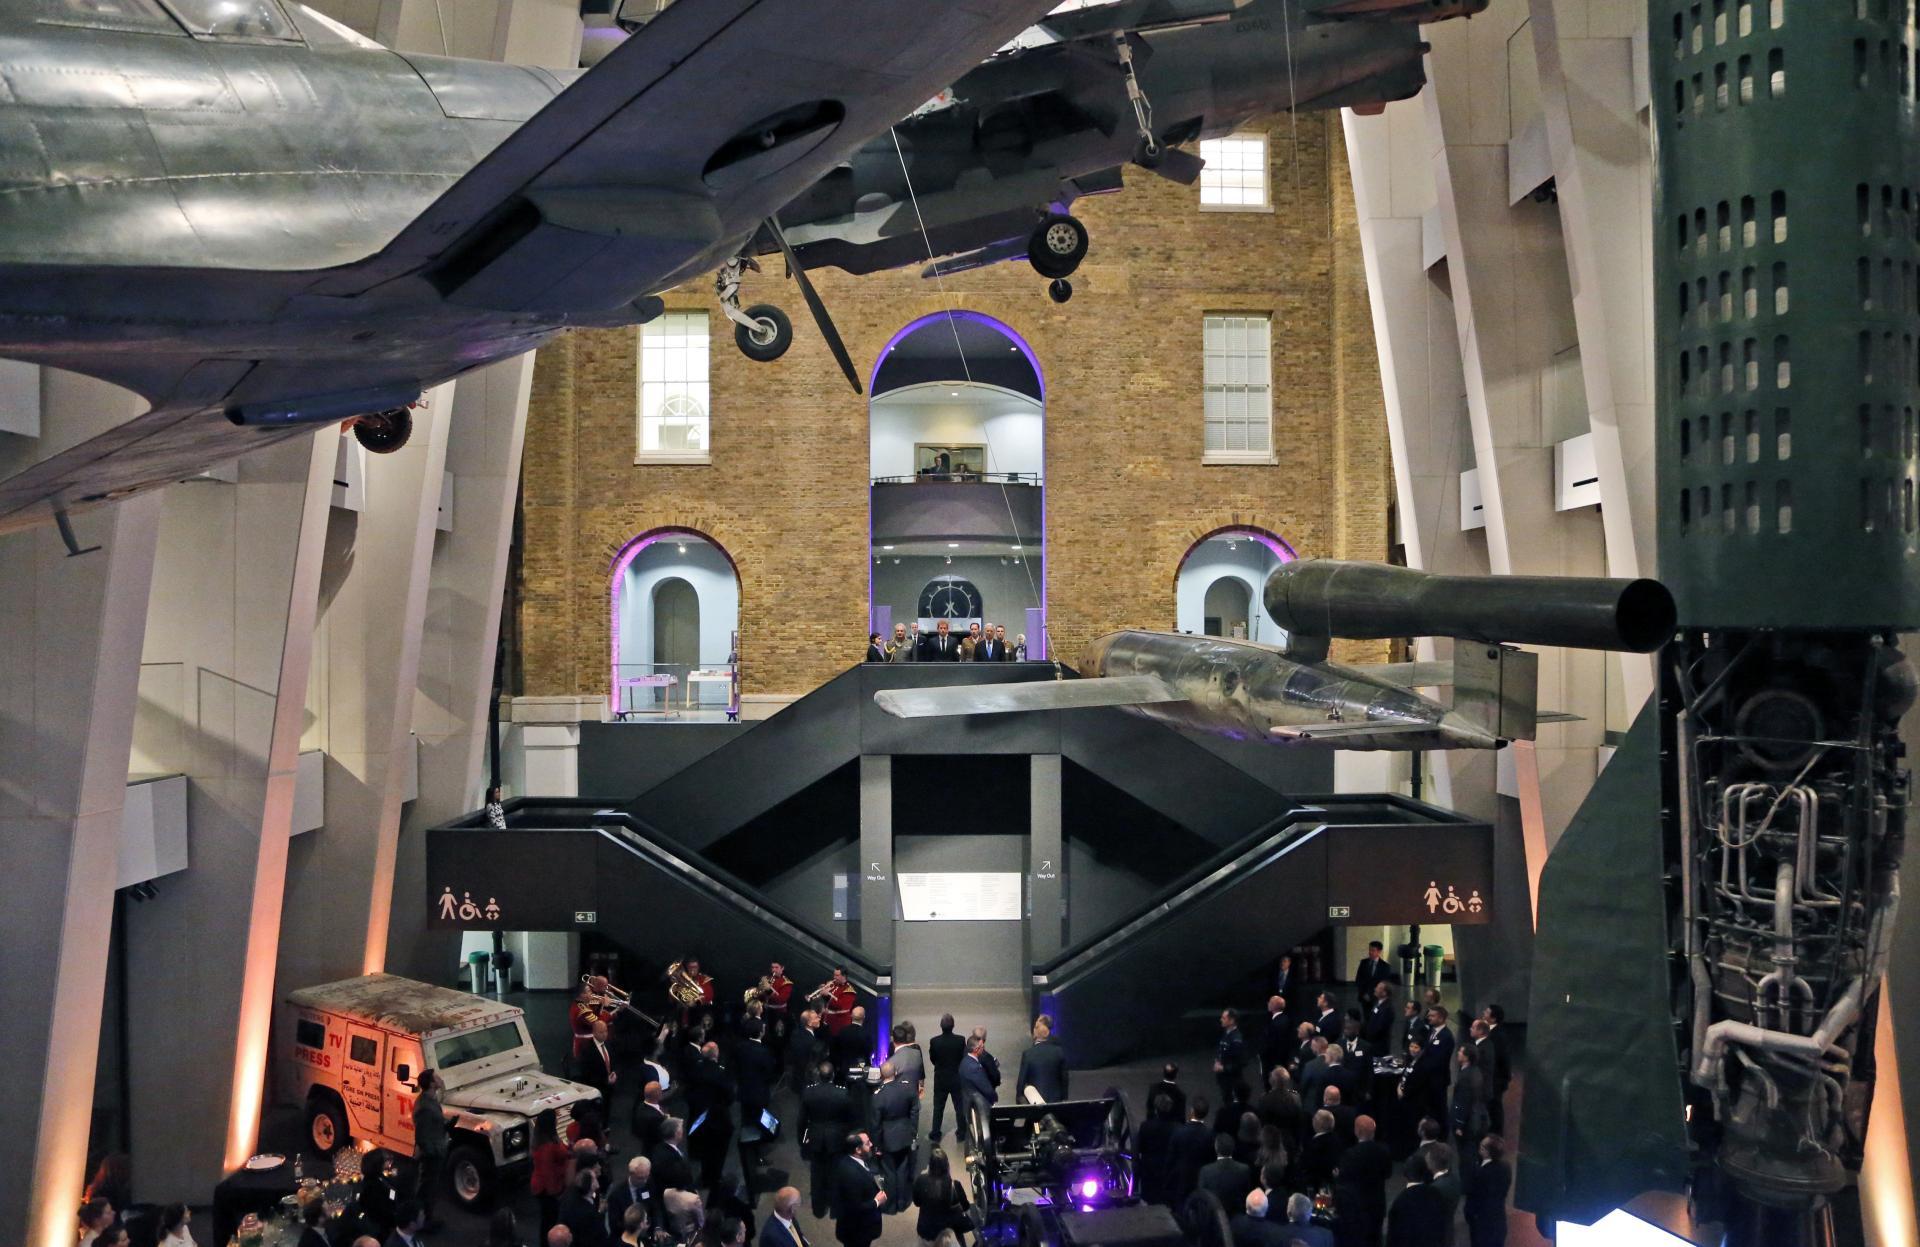 9. október 2017 Londýn, Spojené kráľovstvo: Britský princ Harry prichádza do londýnskeho Imperial War Museum na stretnutie s vojakmi, veteránmi a ich rodinami.